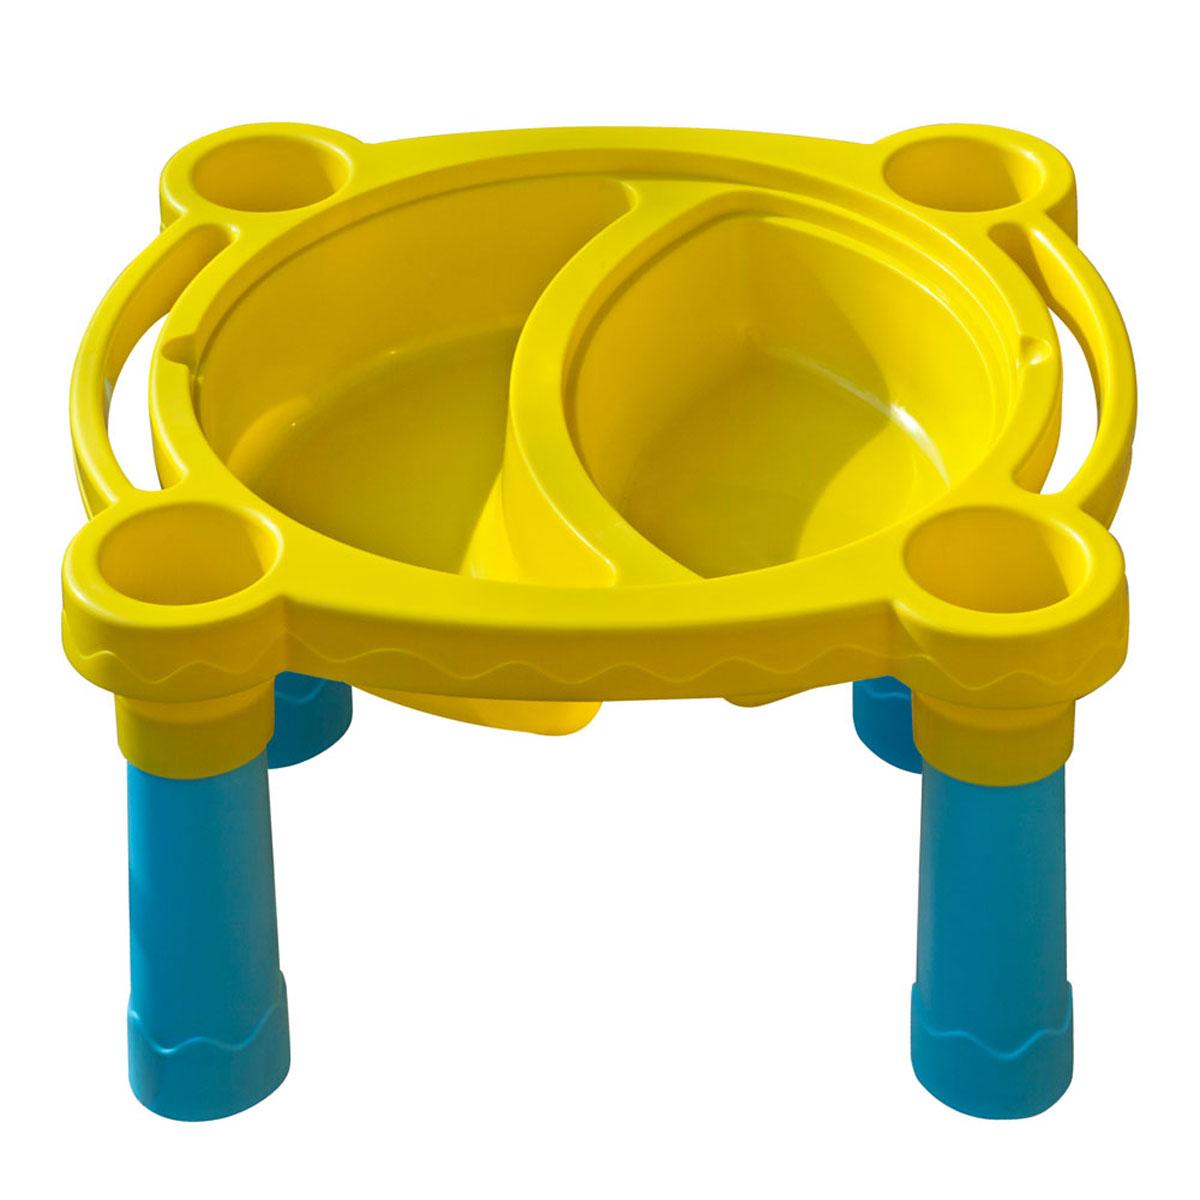 Пластиковый игровой столик PalPlay Песок - Вода375Игровой стол для песка и воды PalPlay это лучшее решения для детского времяпрепровождения. Стол даст возможность ребенку играть как с песком, так и придумать интересные игры с водой. Чтобы начать играть ребенку достаточно снять крышку. Под крышкой стола, распложены несколько углублений, специально предусмотренных для игр с песком и водой, которые так любят дети.